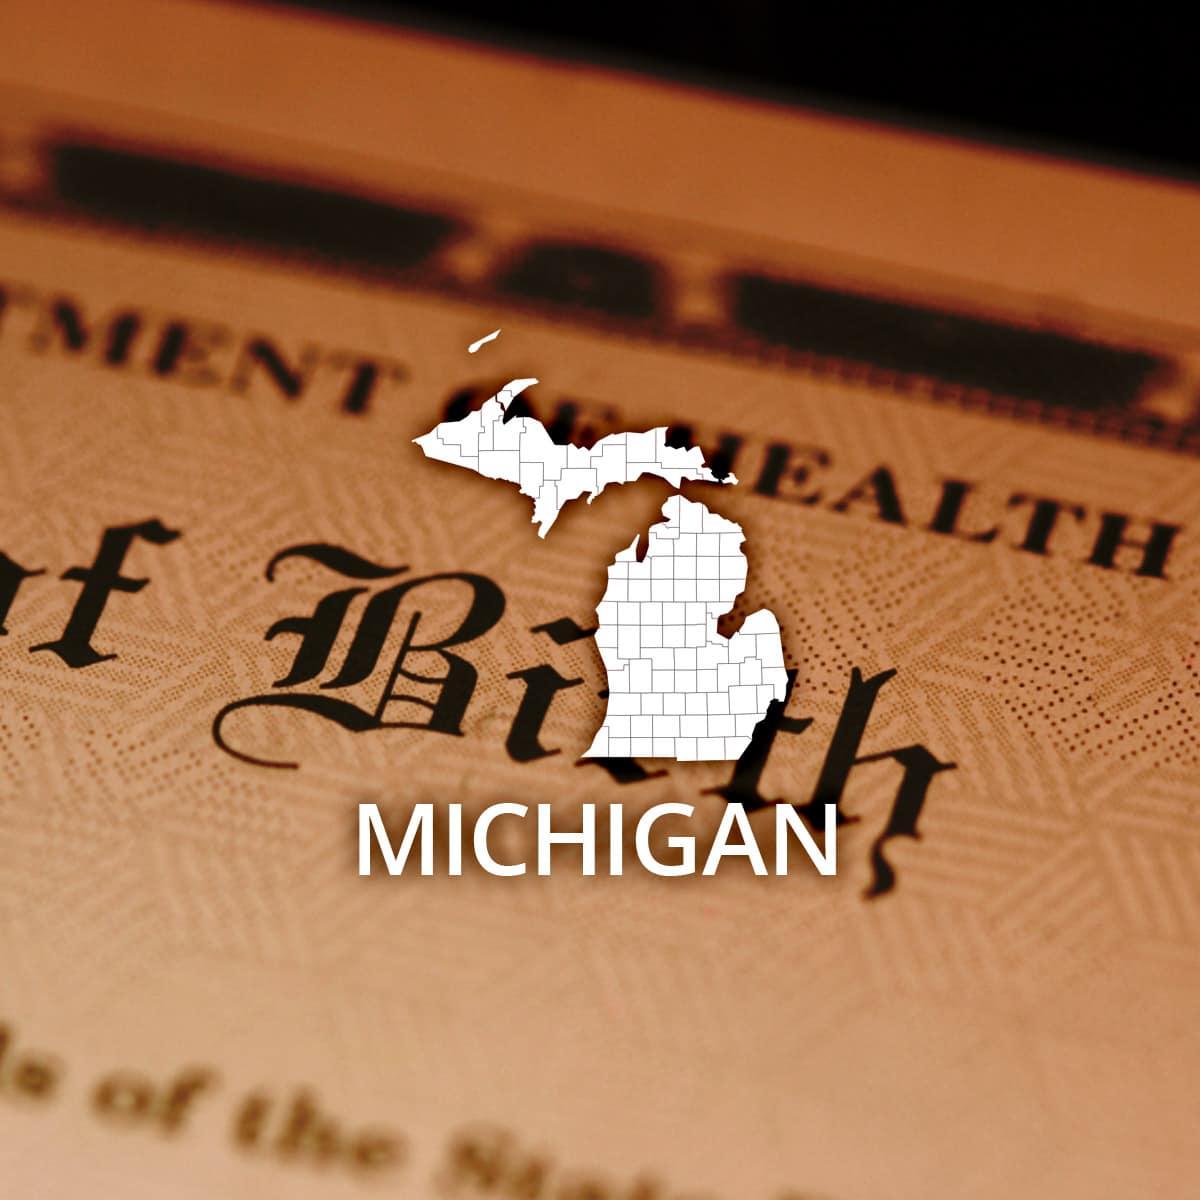 Where to Obtain a Michigan Birth Certificate